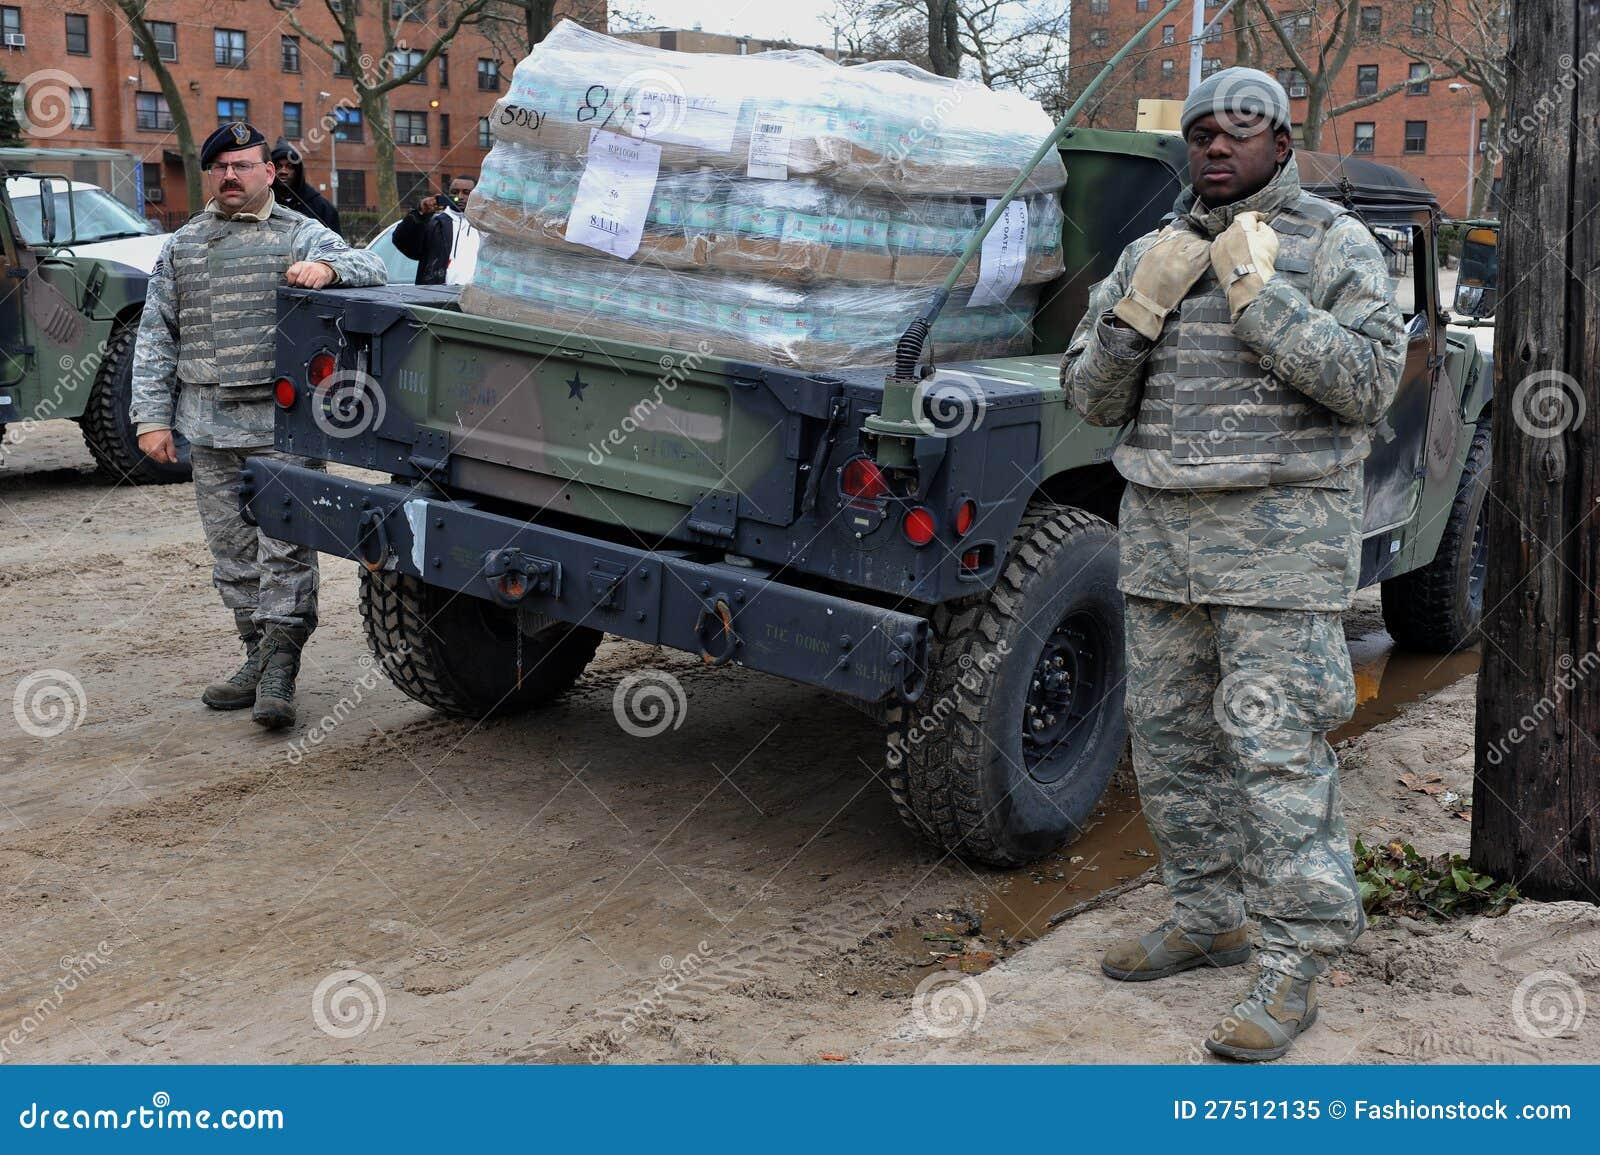 US Navy soldiers helps people